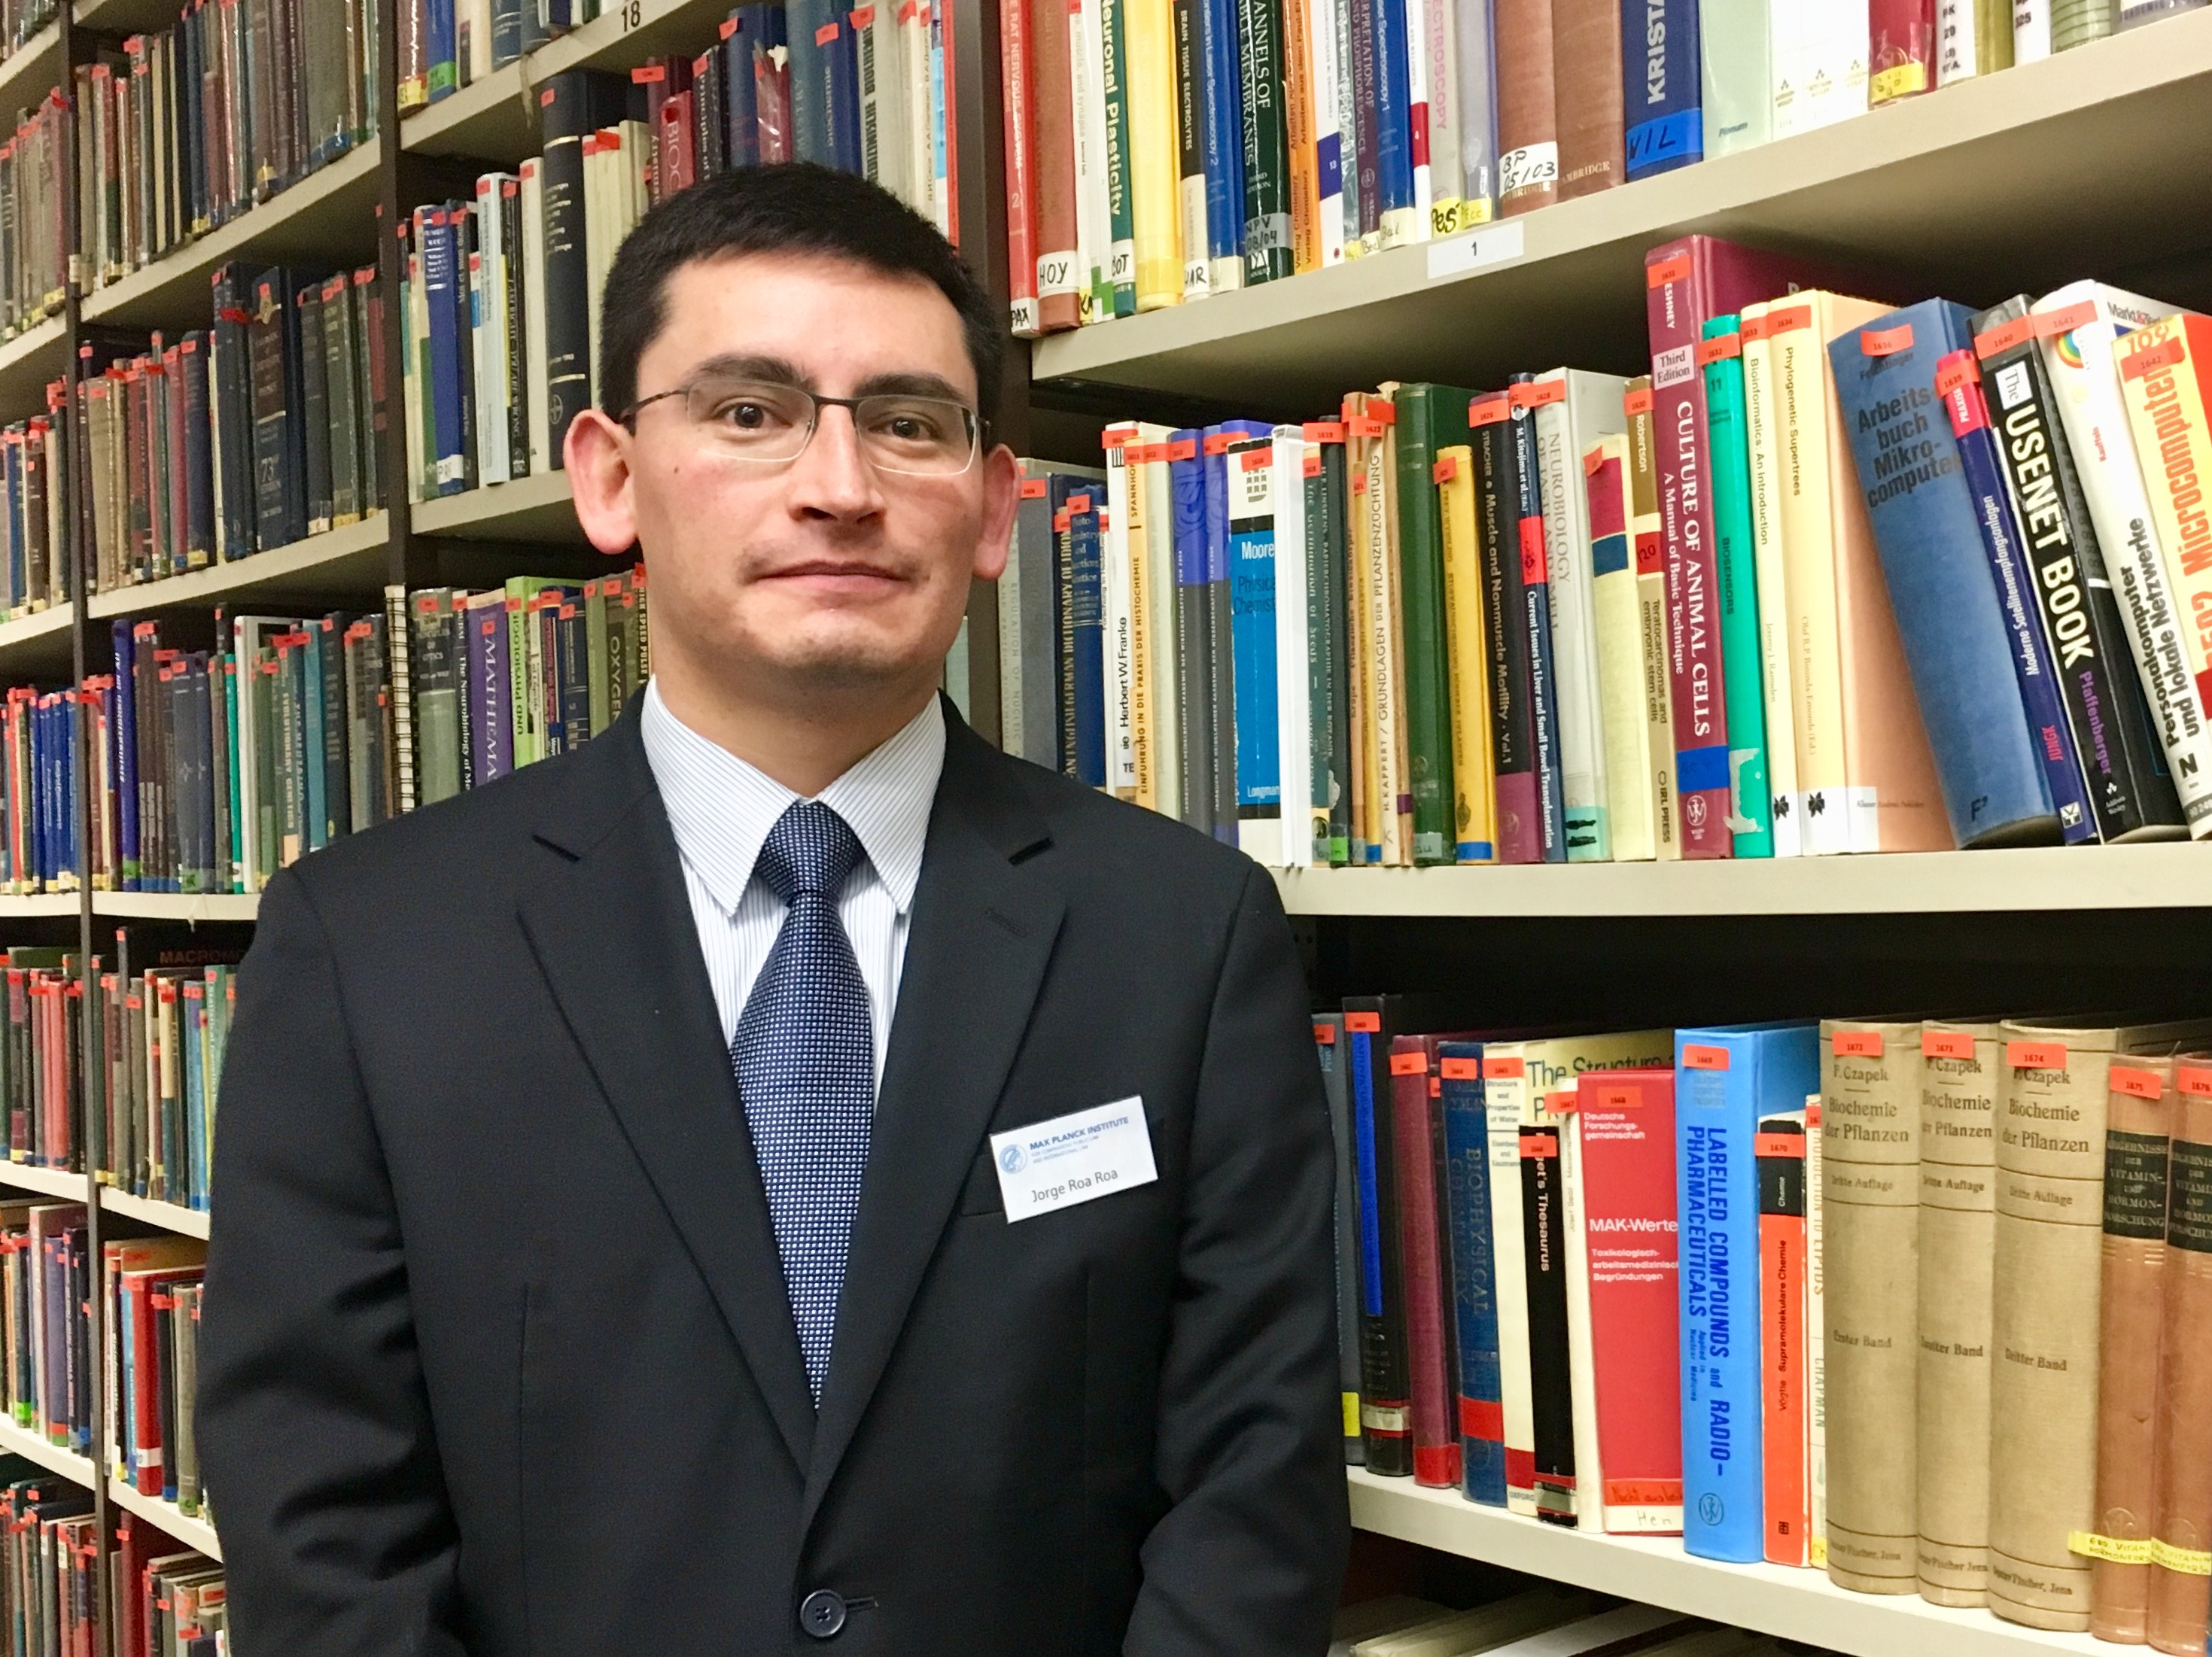 Jorge Ernesto Roa Roa